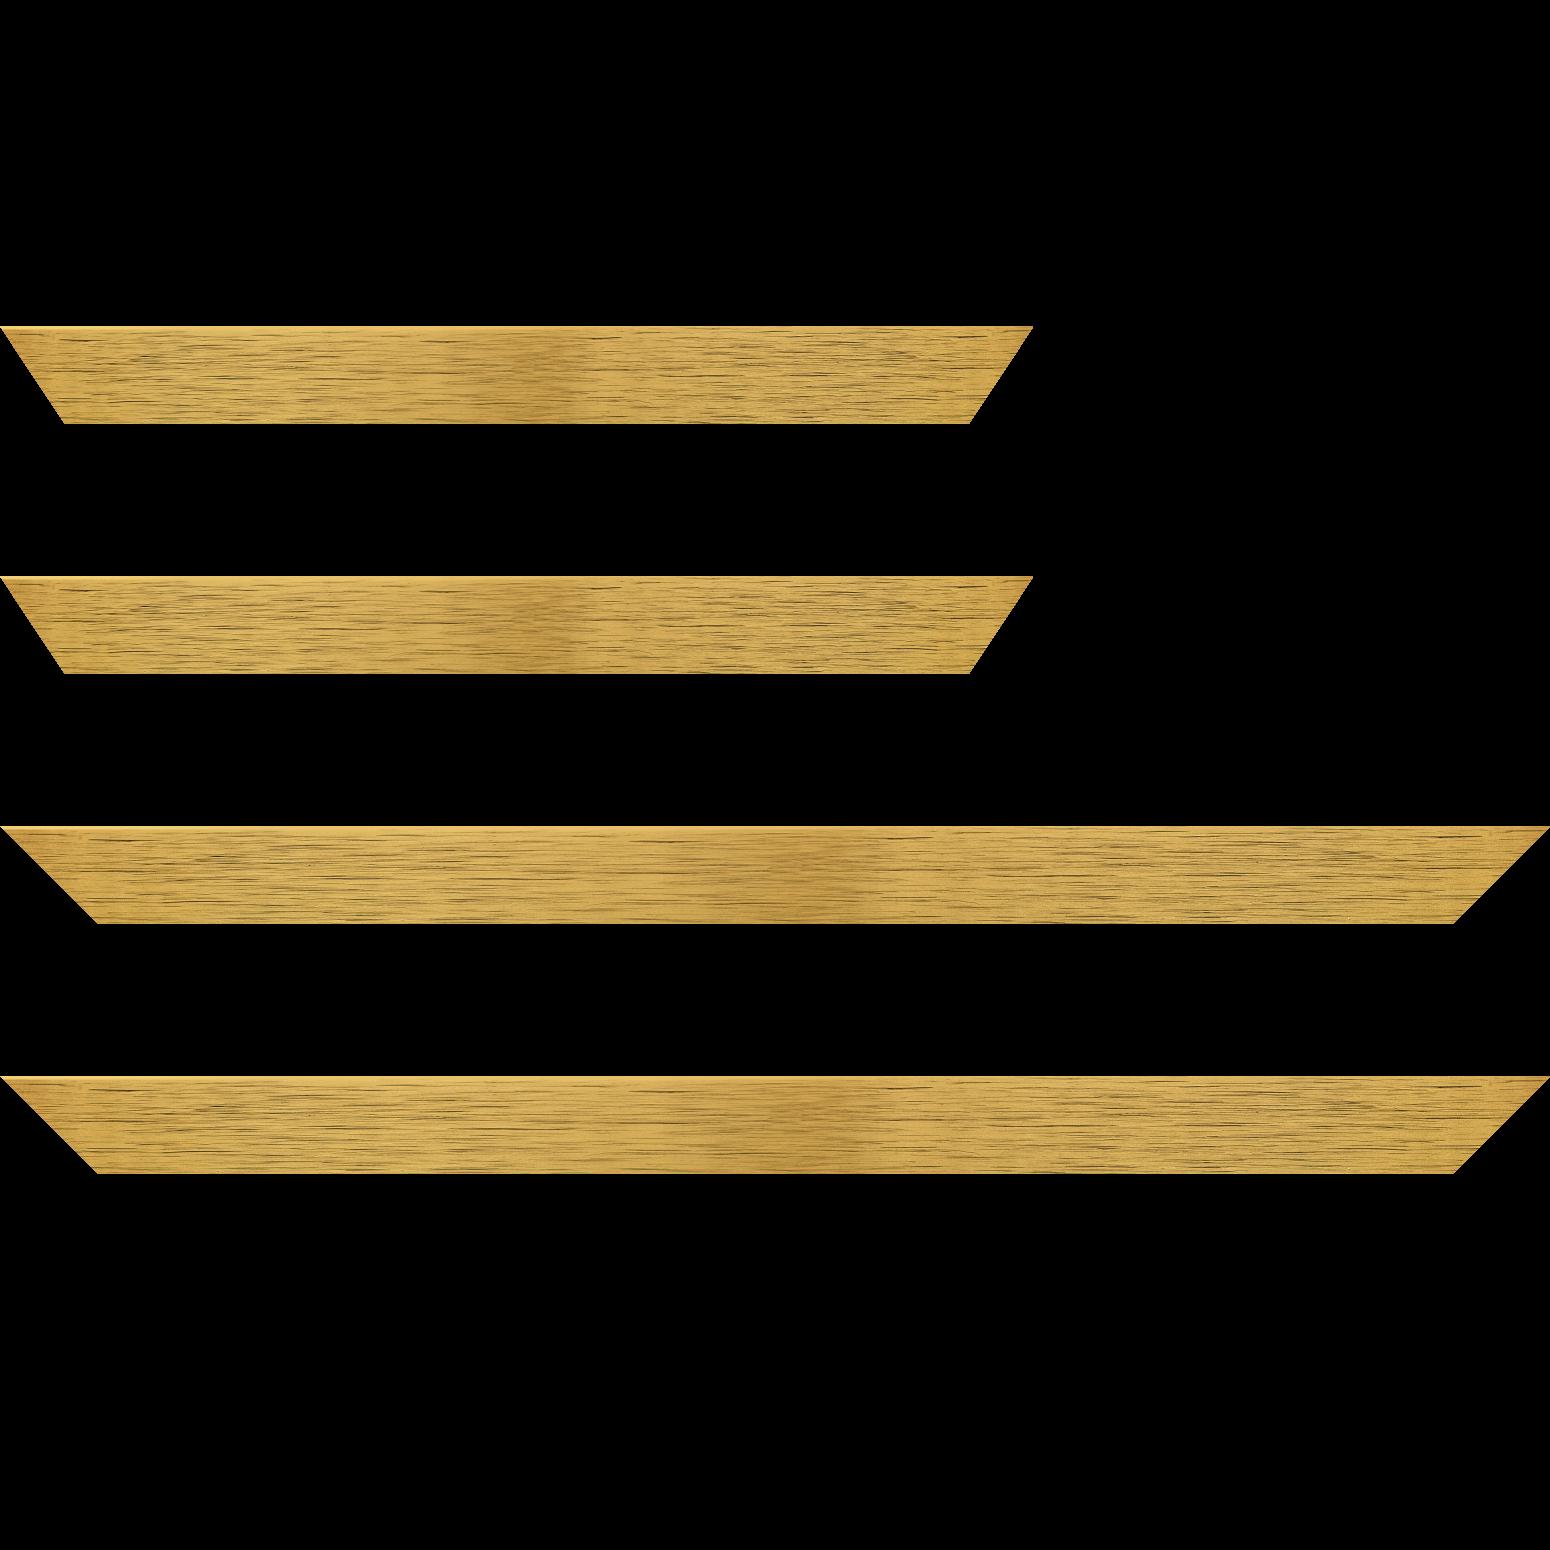 Baguette service précoupé Bois profil plat largeur 3cm couleur or effet cube (le sujet qui sera glissé dans le cadre sera en retrait de la face du cadre de 1.4cm assurant un effet très contemporain)